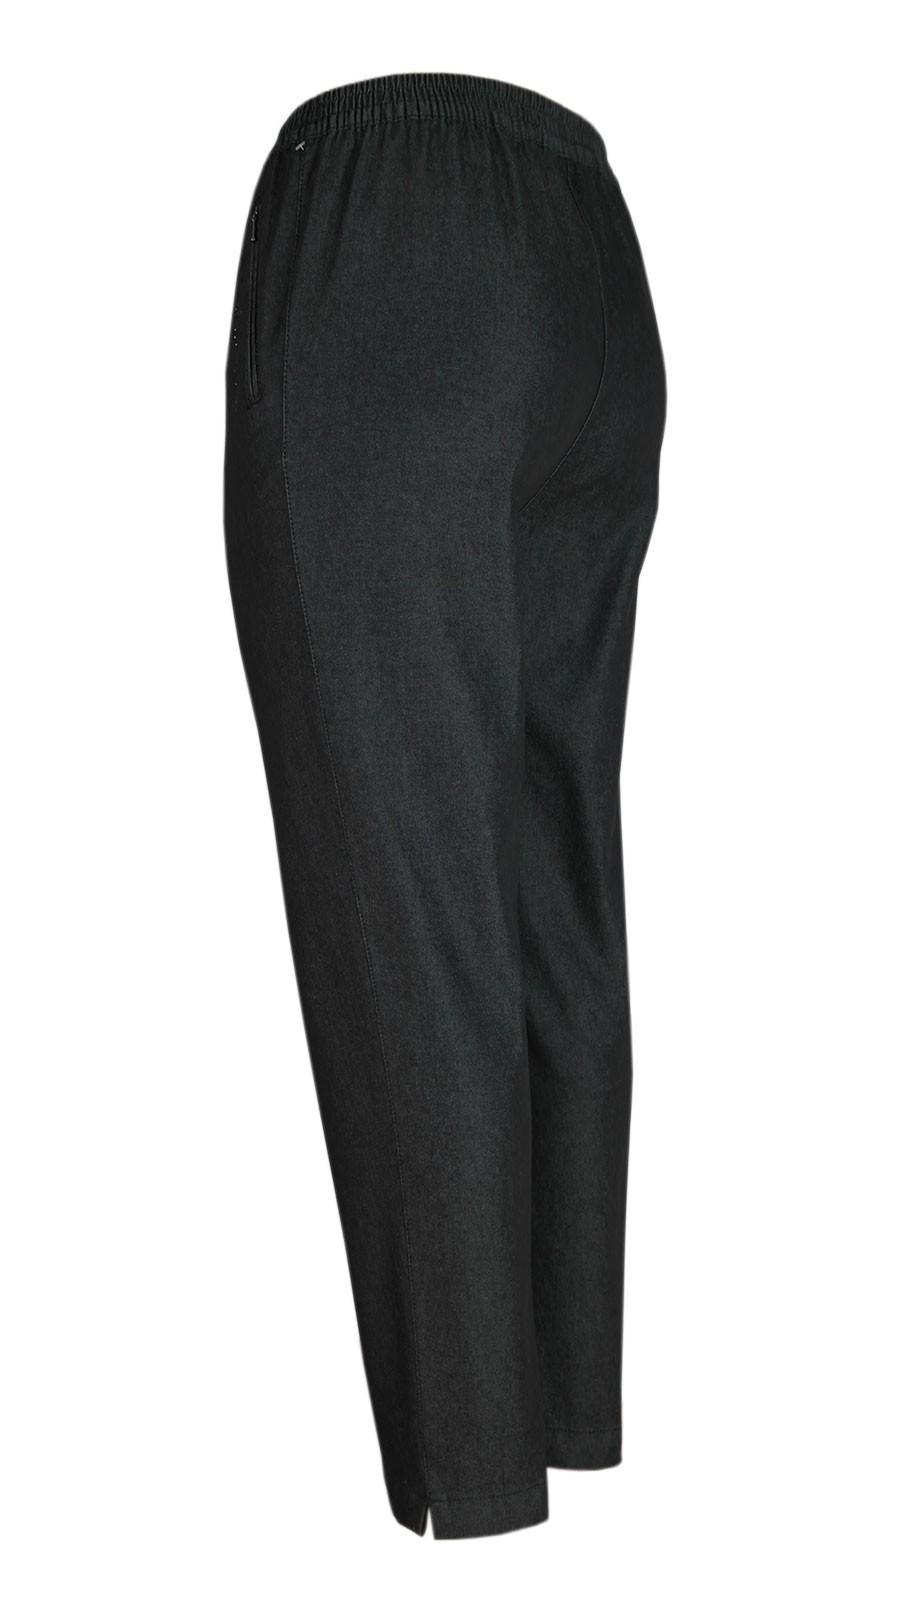 Damen Thermo Stretch Schlupfjeans Schlupfhose gefütterte Winter-Jeans - schwarz/Seitenansicht